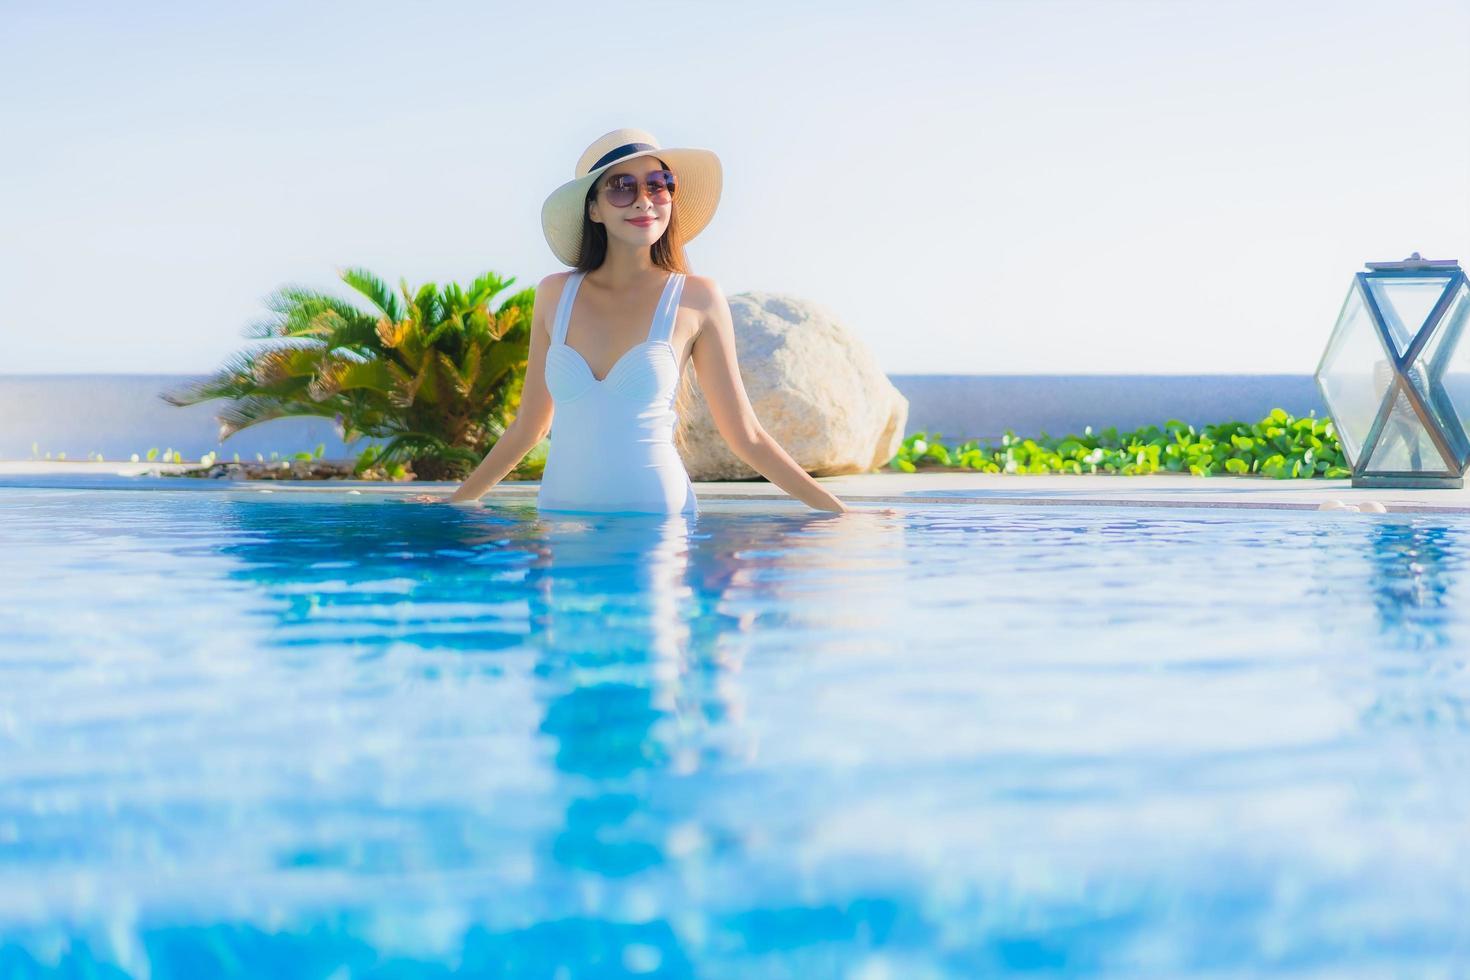 donna che si distende nella piscina all'aperto foto